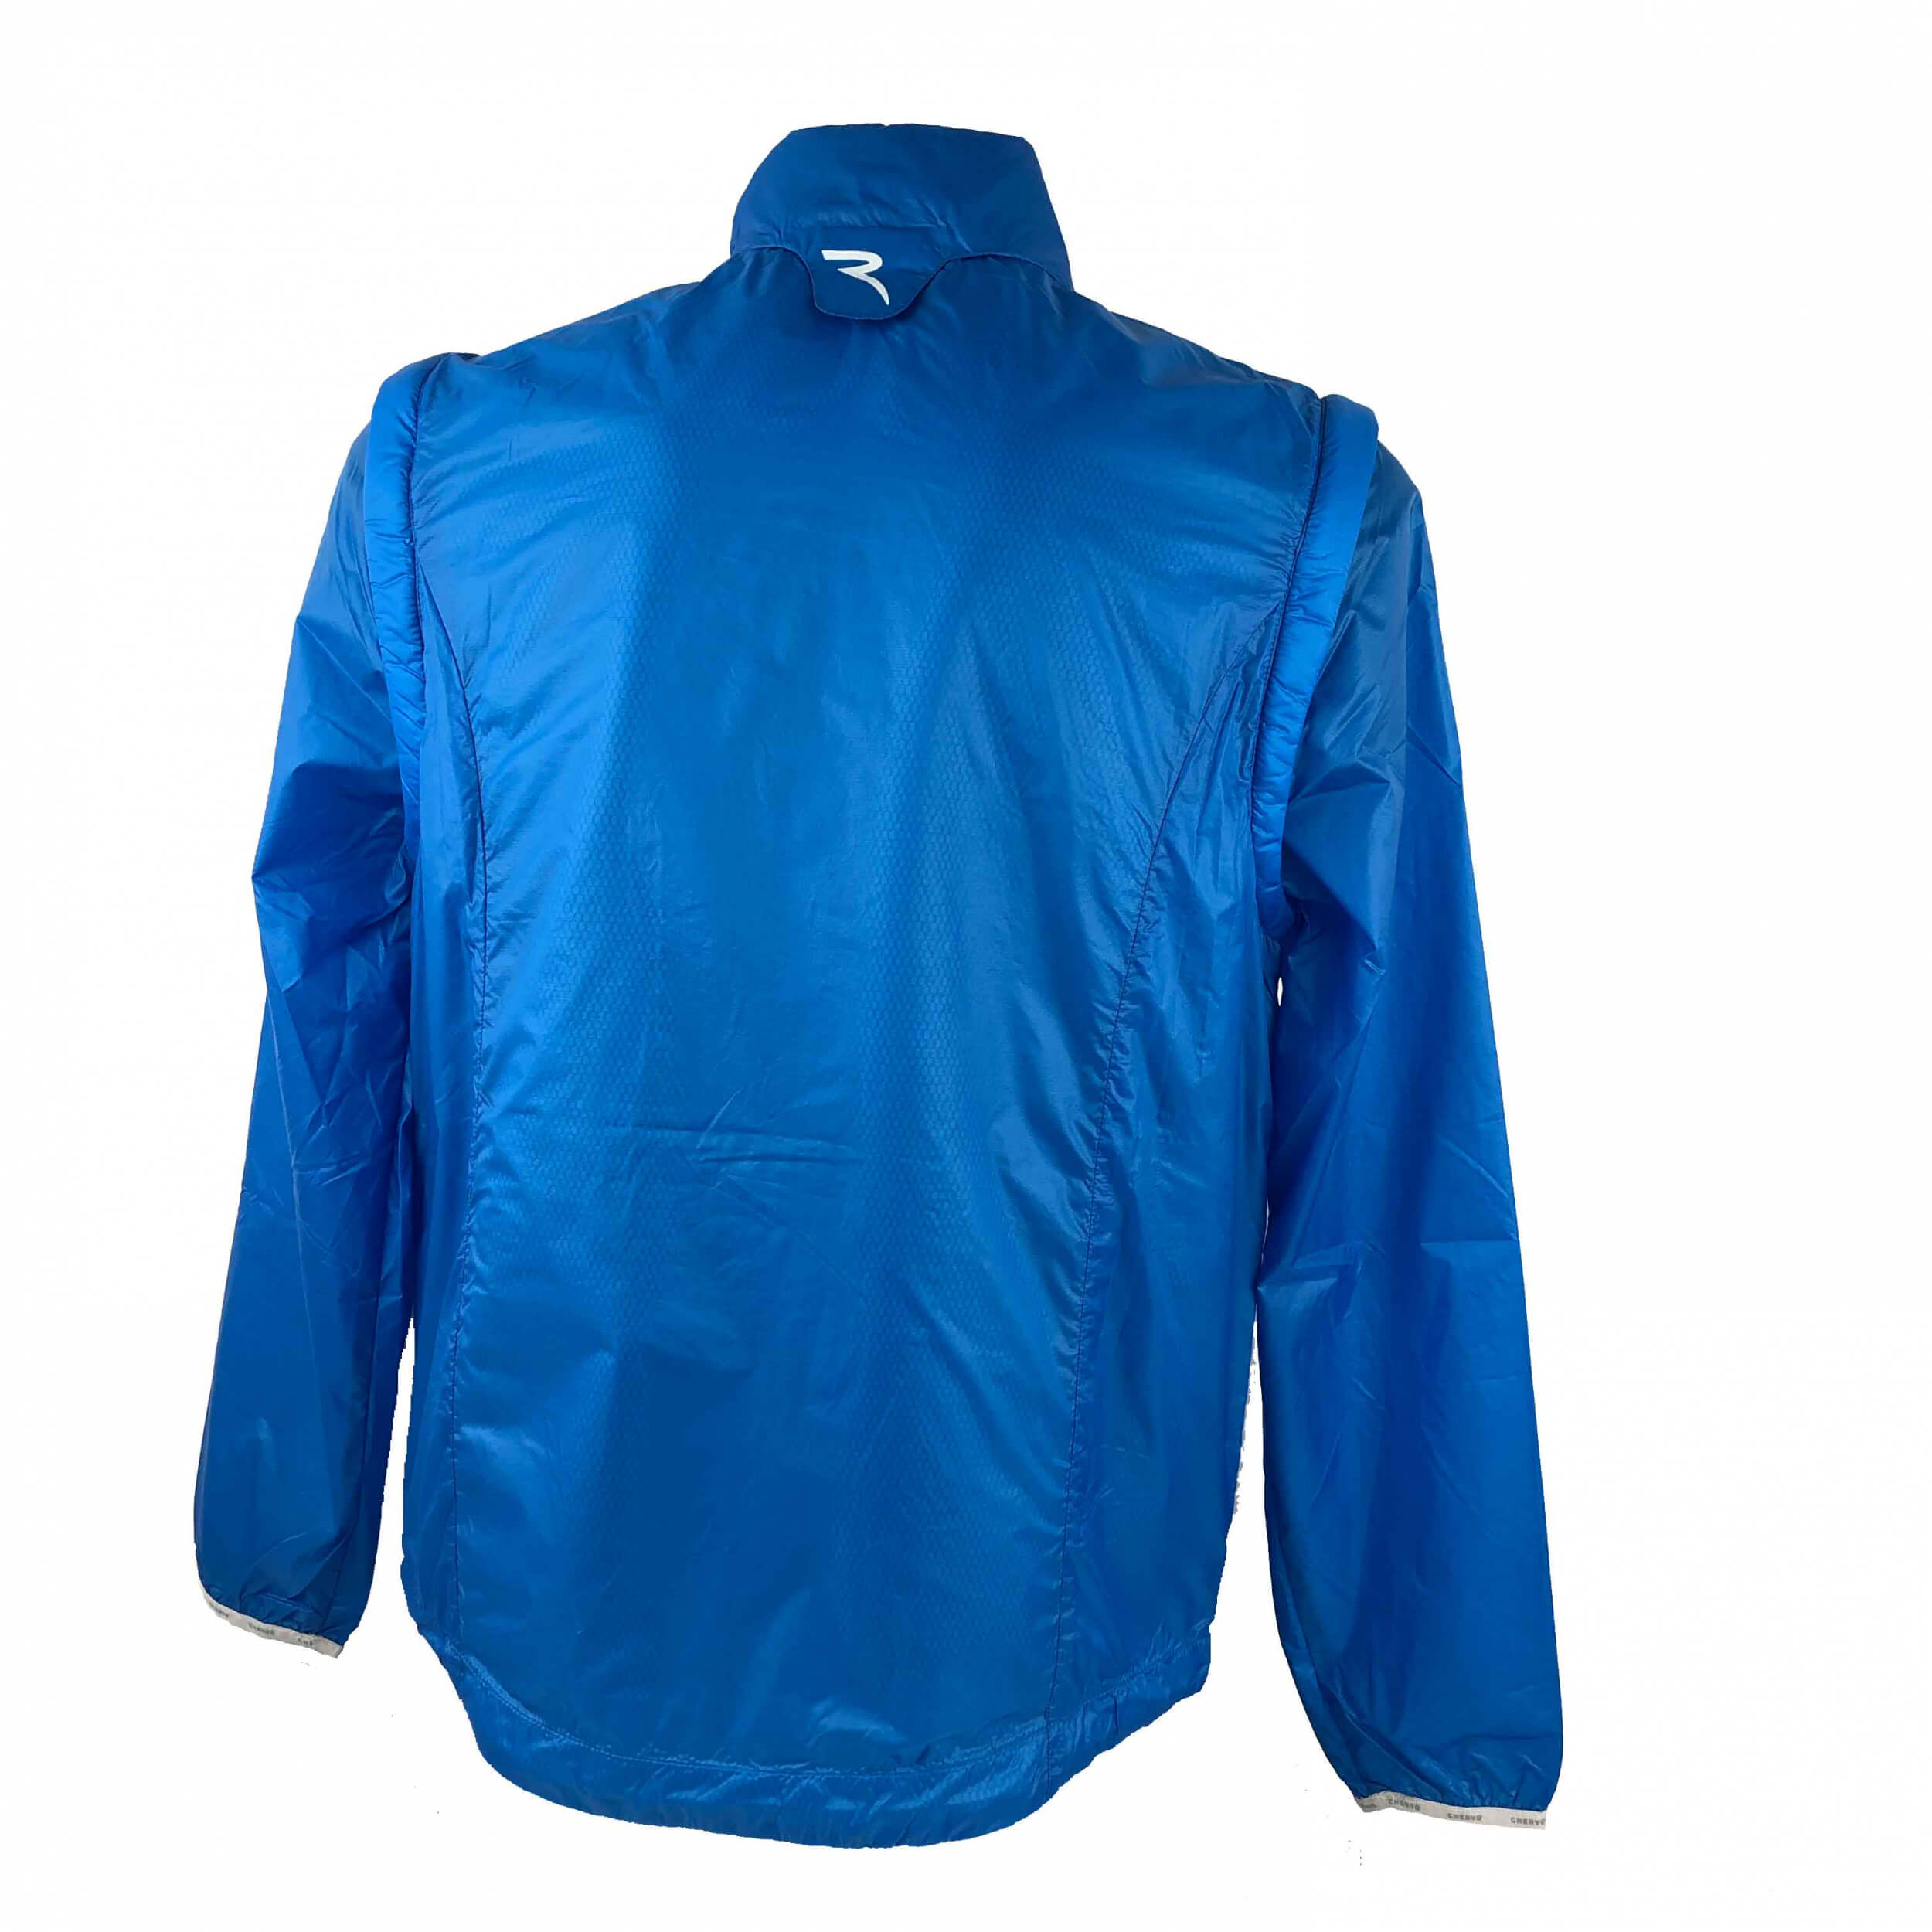 Chervo Herrenjacke WIND LOCK Mossy blau 538